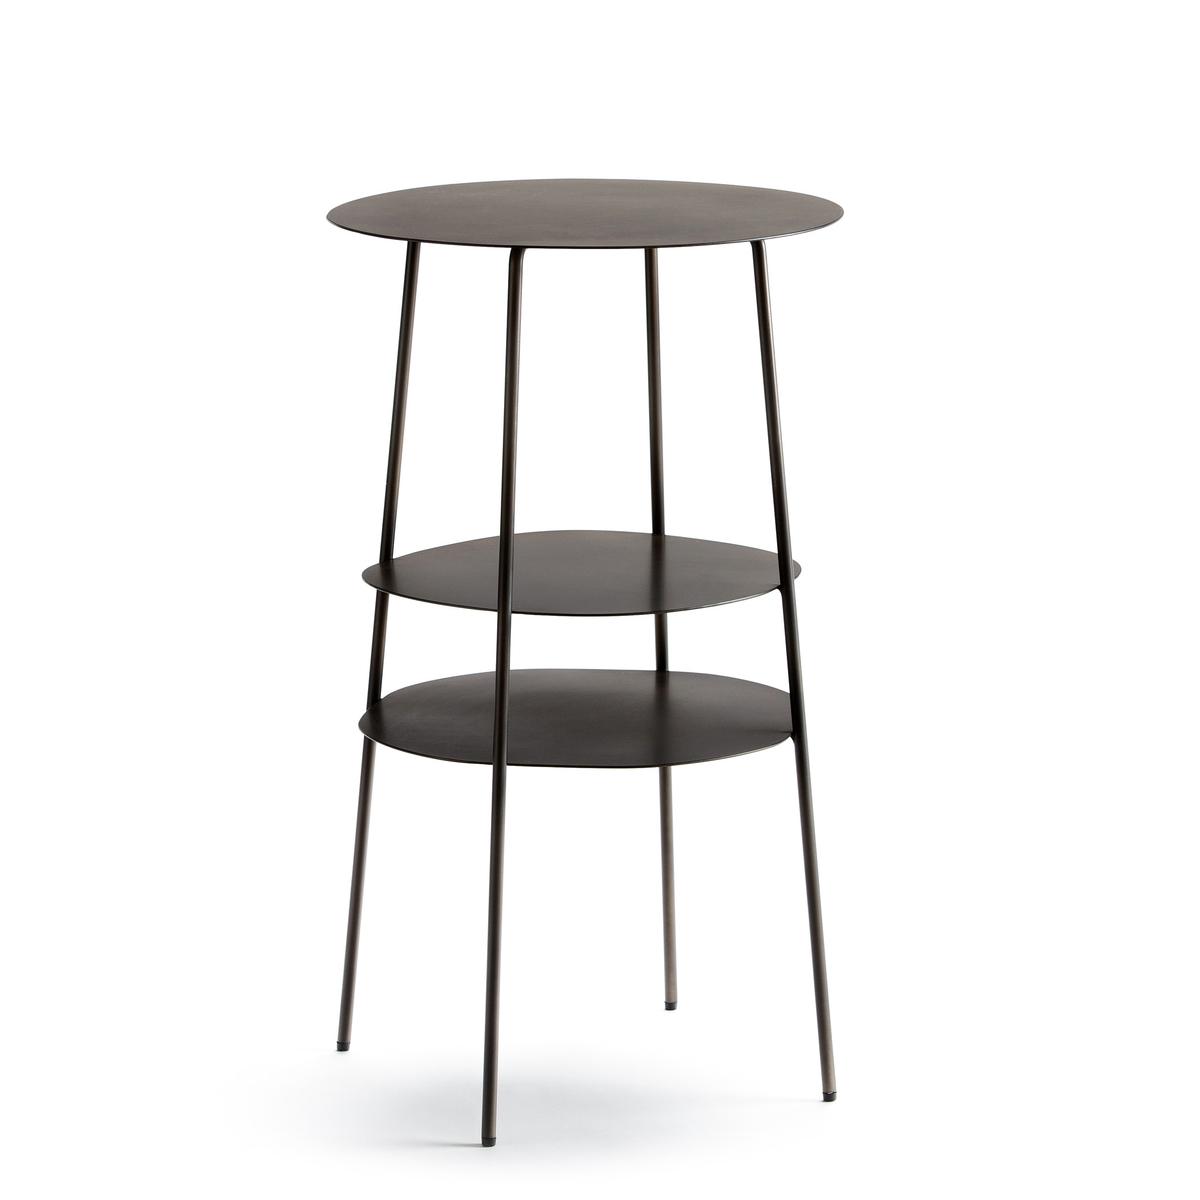 Столик прикроватный из металла цвета серый металлик, FractaleПрикроватный столик Fractale. Круглый негромоздкий столик с 3 столешницами органичной формы можно использовать как прикроватный или как журнальный.Описание : - Из металла цвета серый металлик с эпоксидным покрытием- 3 столешницы- Поставляется в собранном видеРазмеры : - ?37 x В62 смРазмеры и вес упаковки : - Ш38,1 x В68,6 x Г38,1 см, 9,3 кг<br><br>Цвет: темно-серый металл